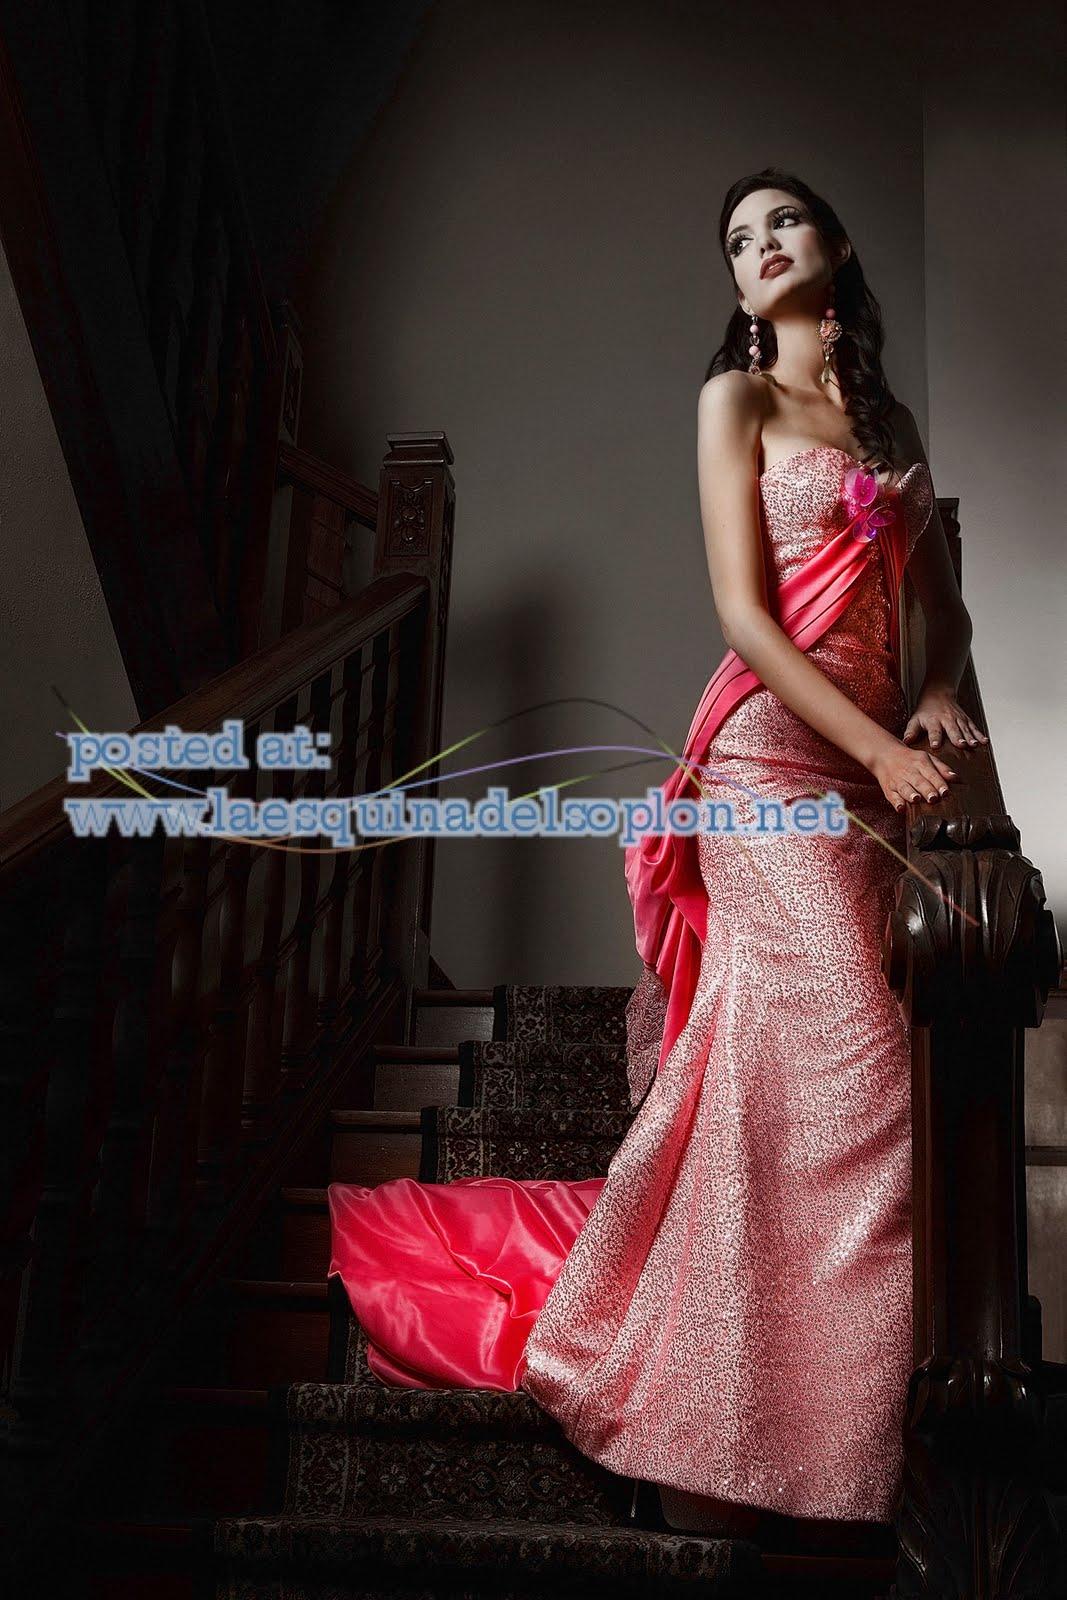 angela la padula, 3ra finalista de miss italia nel mondo 2011. 38hro7lo